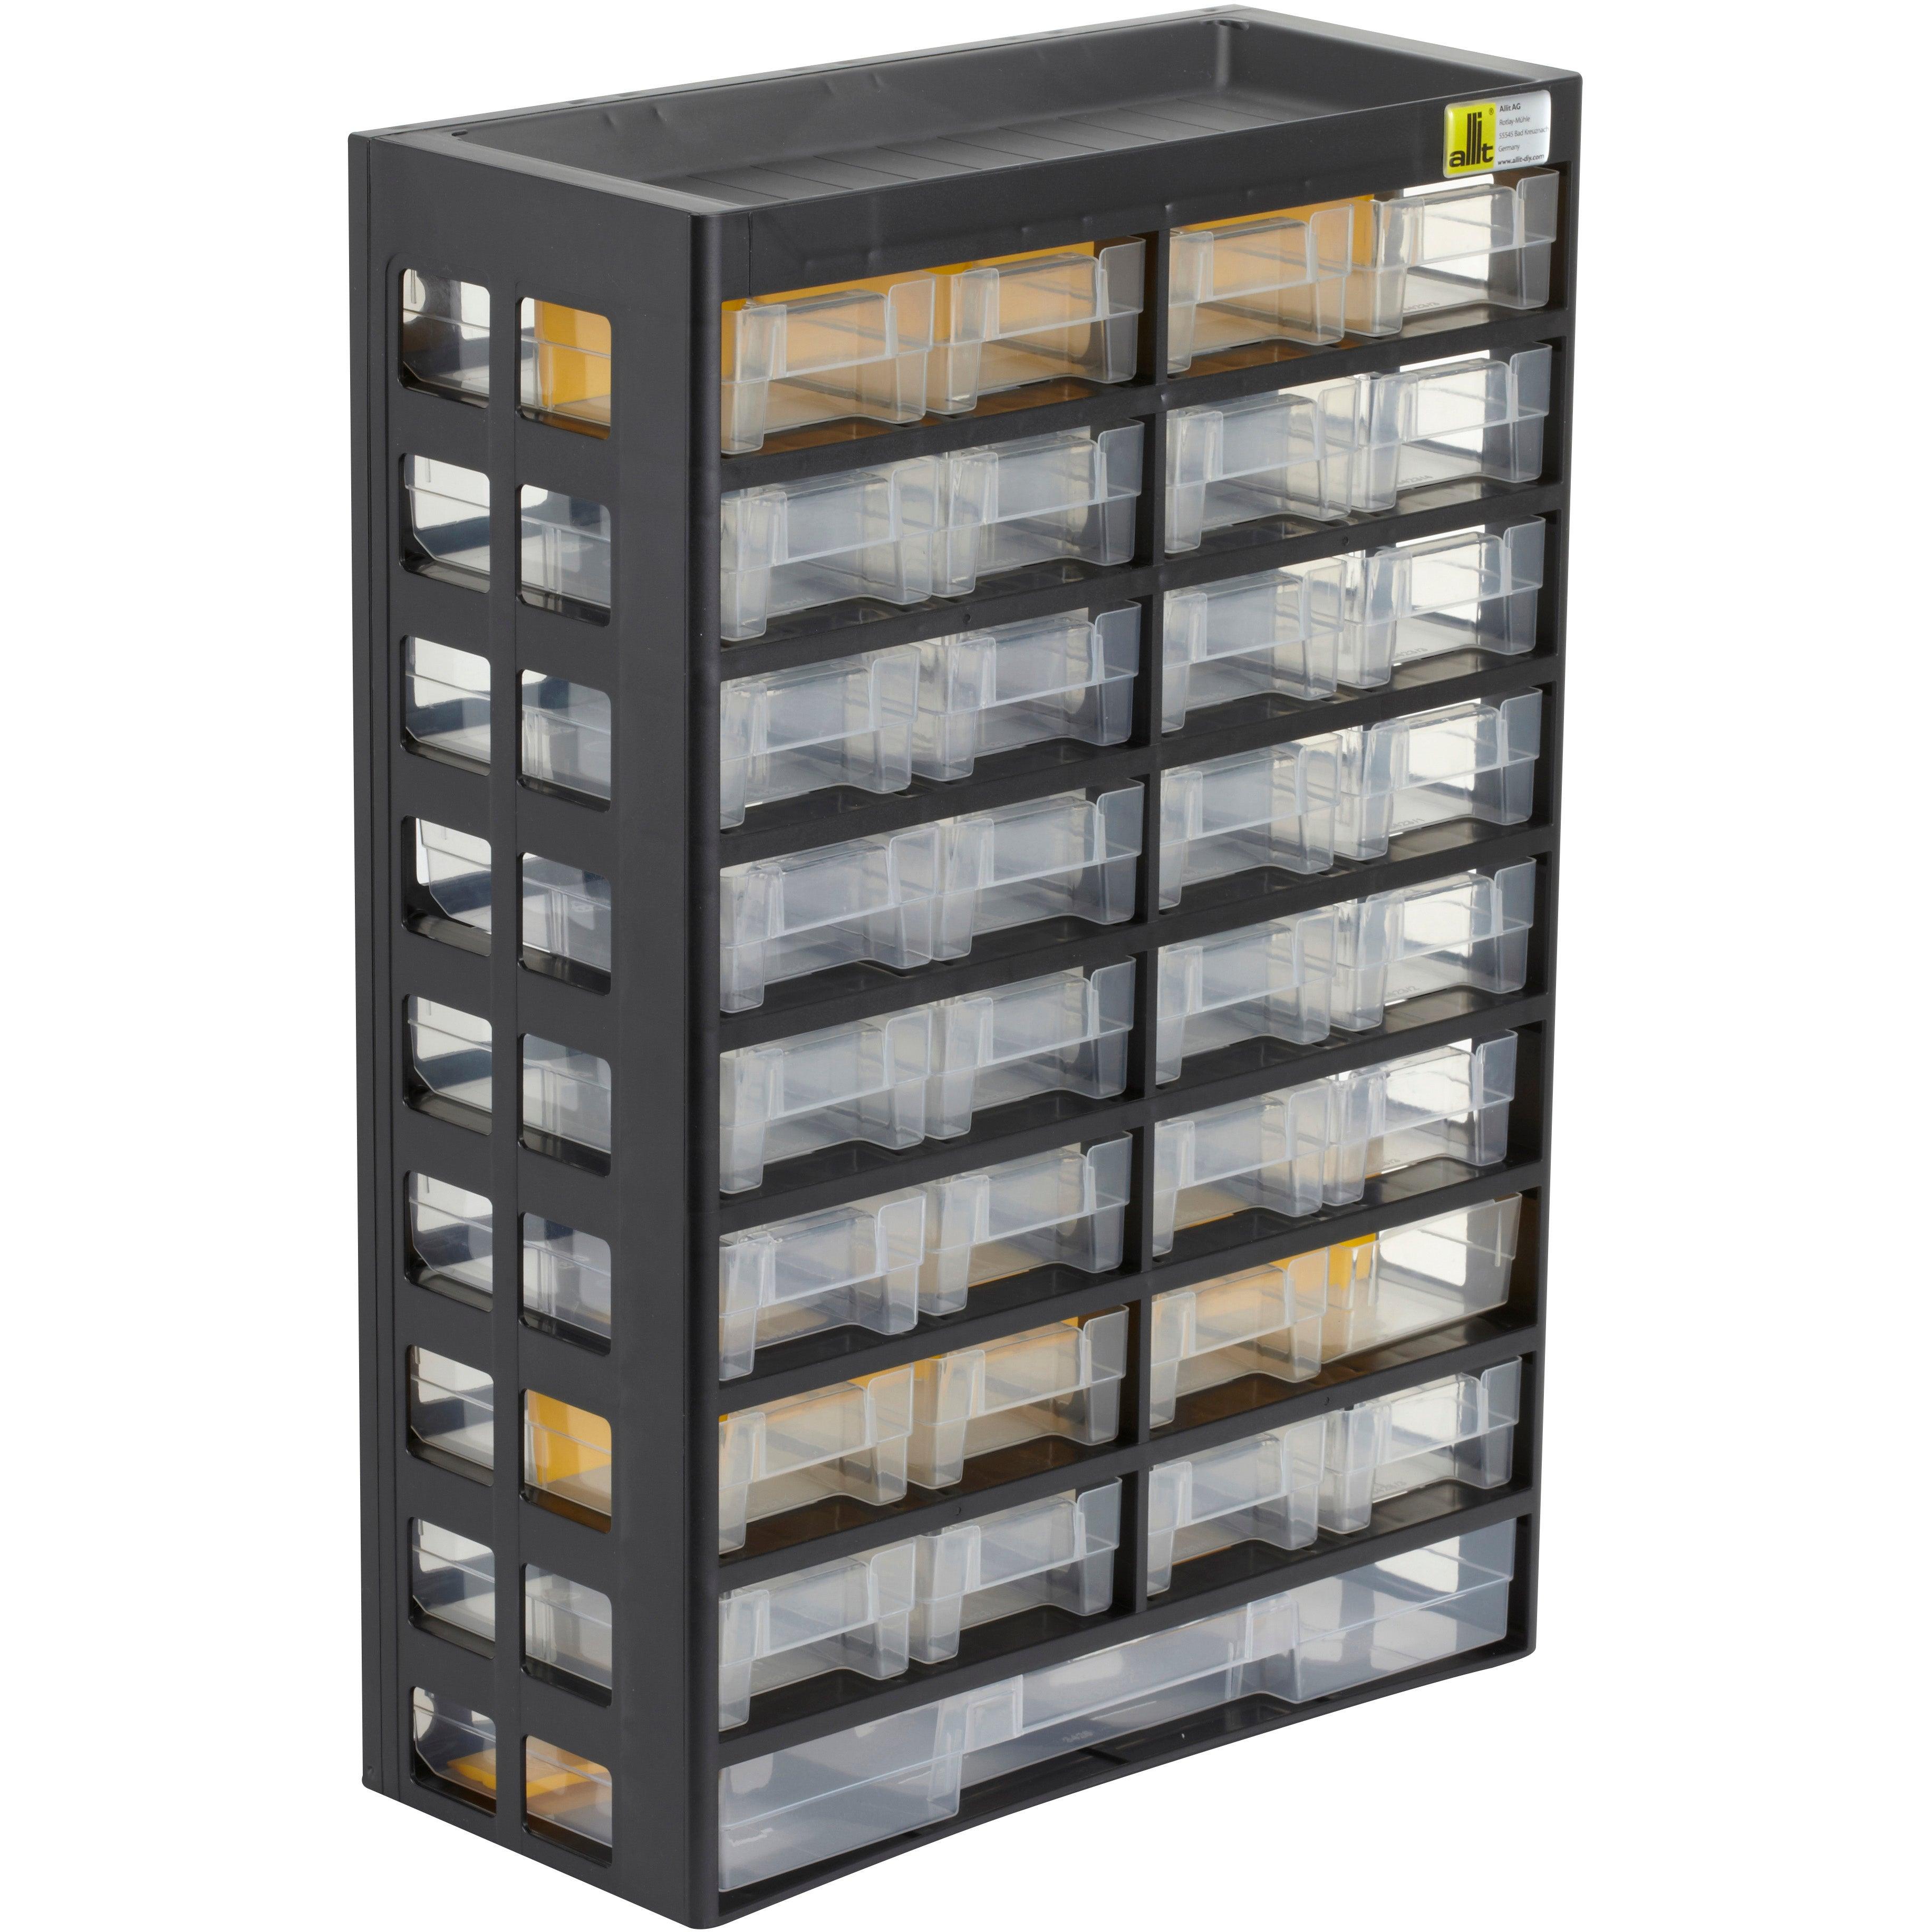 Casier A Vis Plastique 33 Tiroirs H 43 5 X L 30 3 X P 13 6 Cm Leroy Merlin